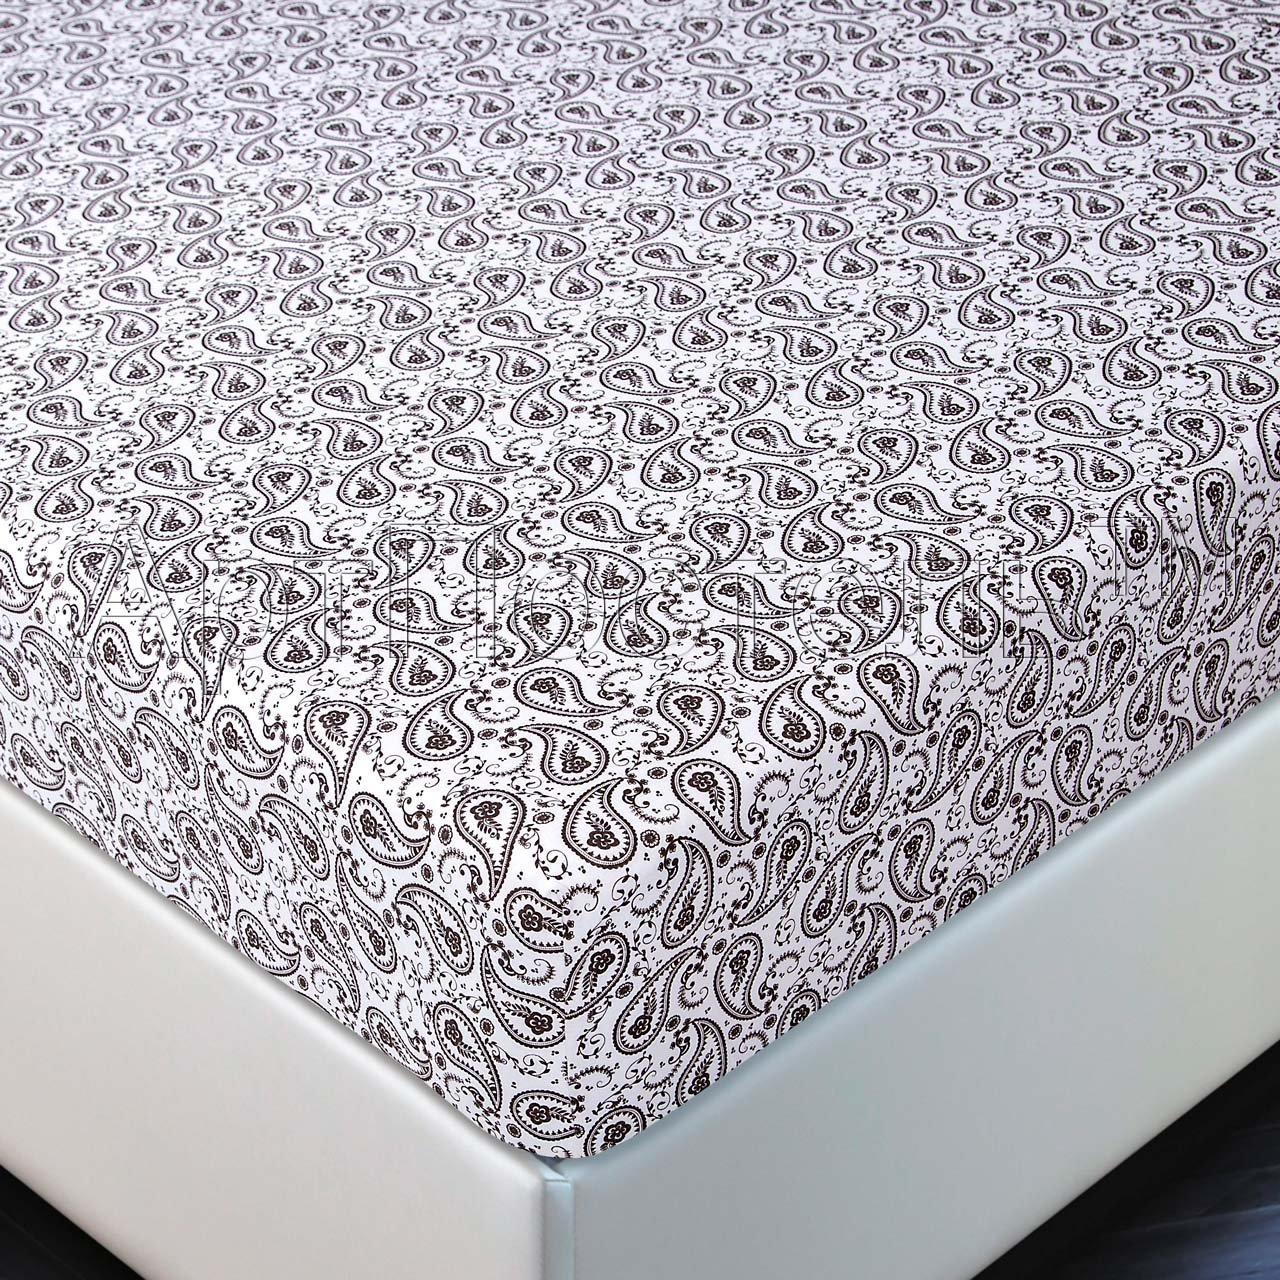 Простыня на резинке трикотажная Ажур Артпостель (белый-коричневый), Простыня на резинке 90x200 (+20 см бортик)